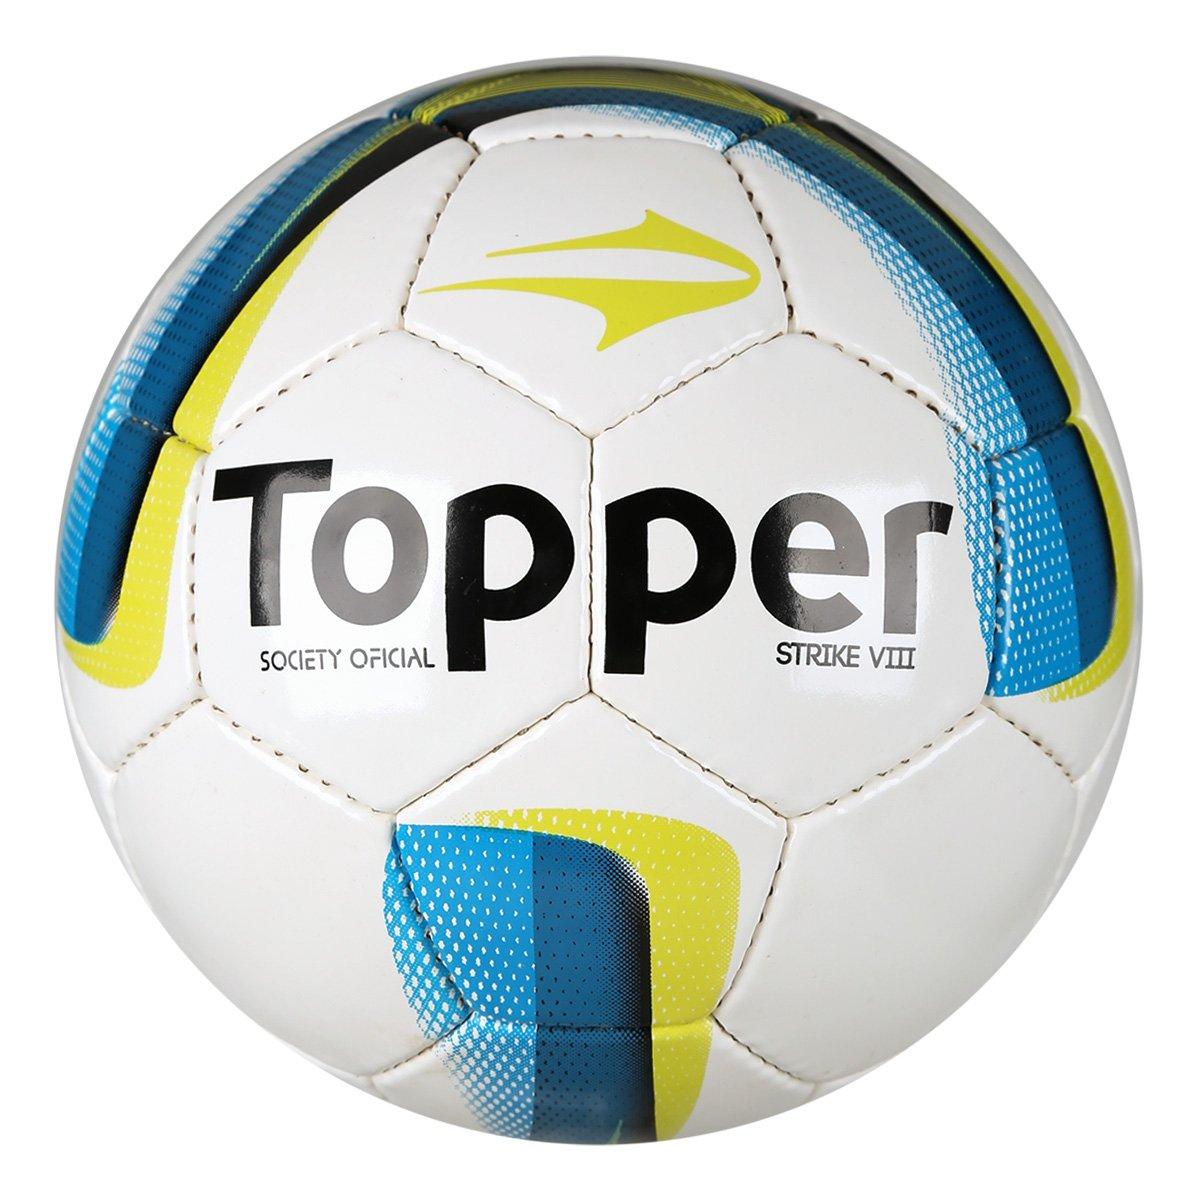 b24808f077  Netshoes  - Bola Futebol Society Topper - R 37